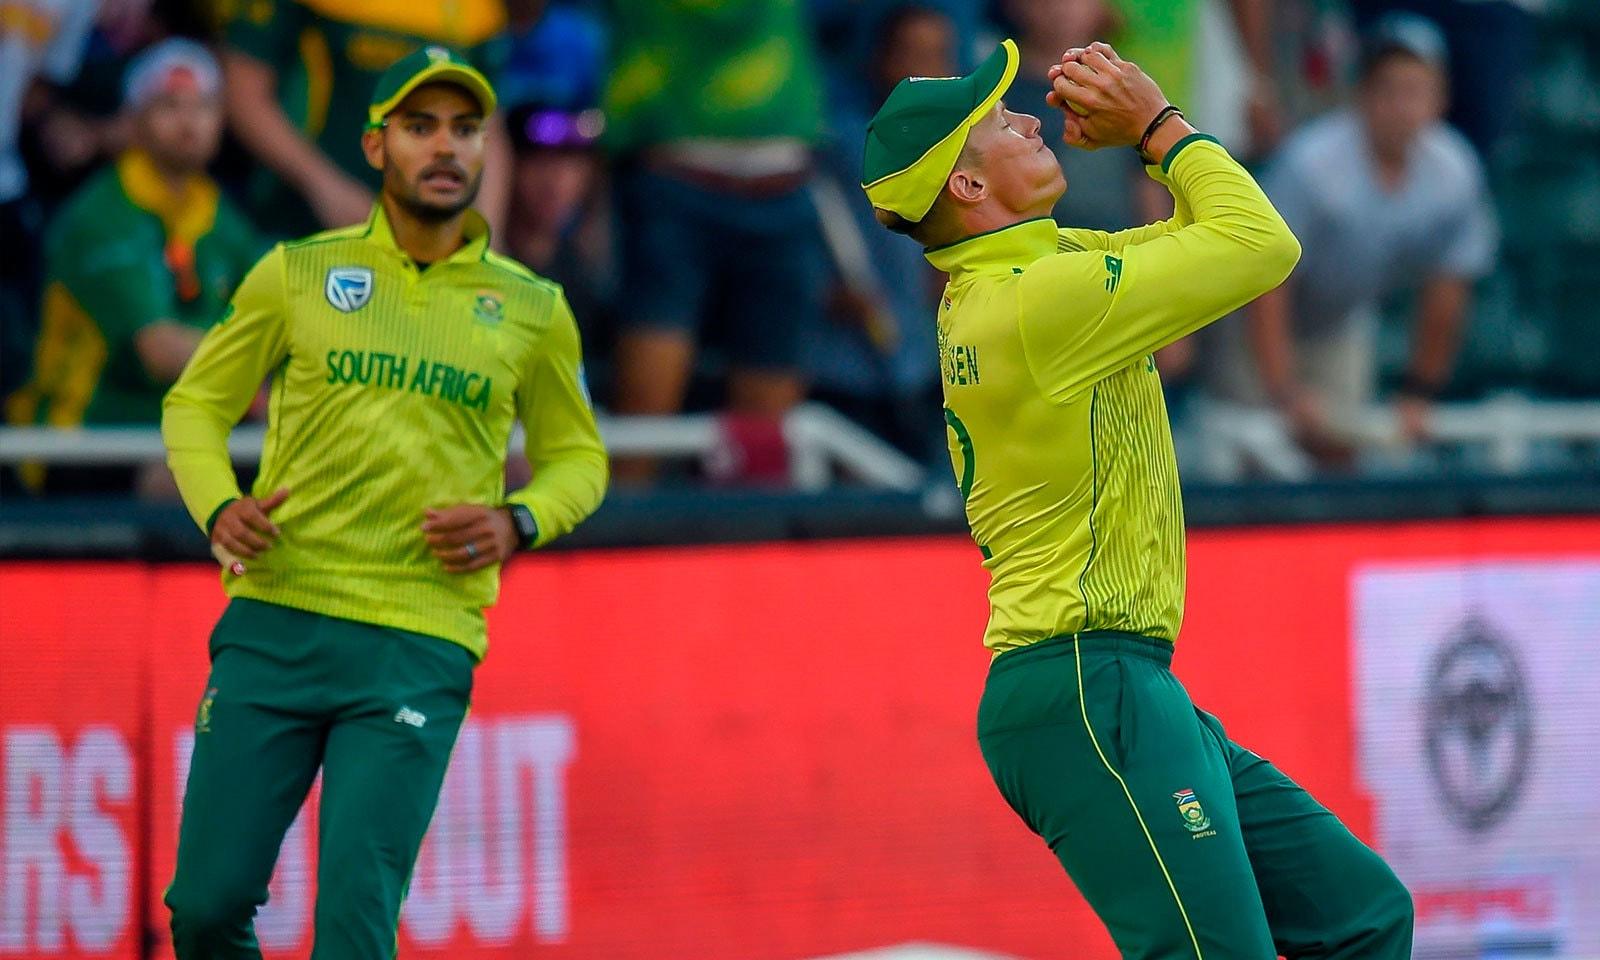 جنوبی افریقہ کے باؤلرز نے 7 وکٹیں حاصل کیں—فوٹو:اے ایف پی